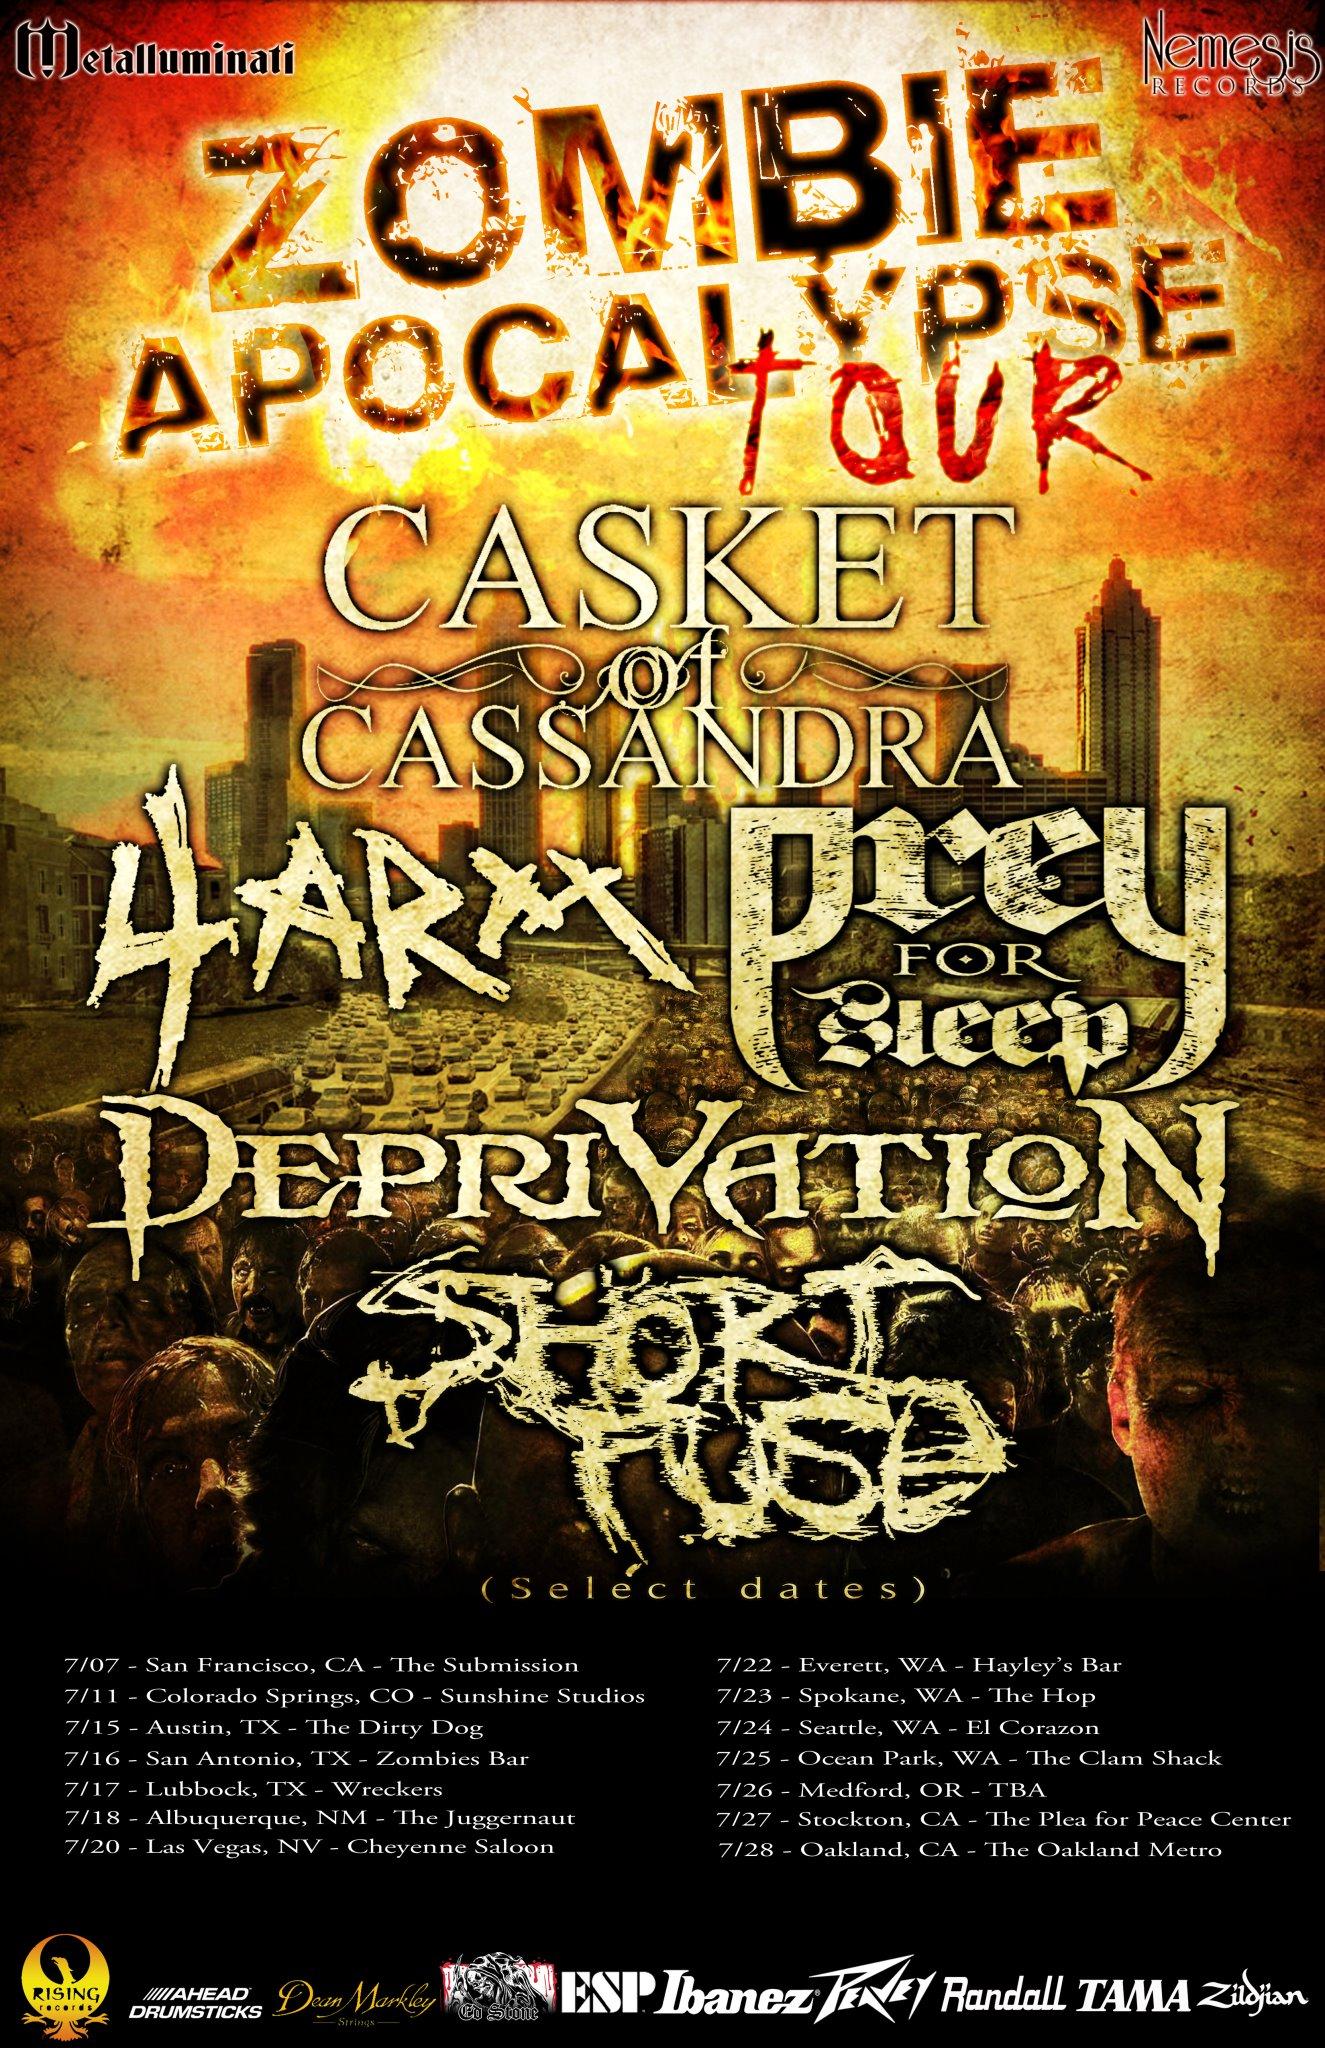 Zombie Apocalypse Tour - with The Metalluminati